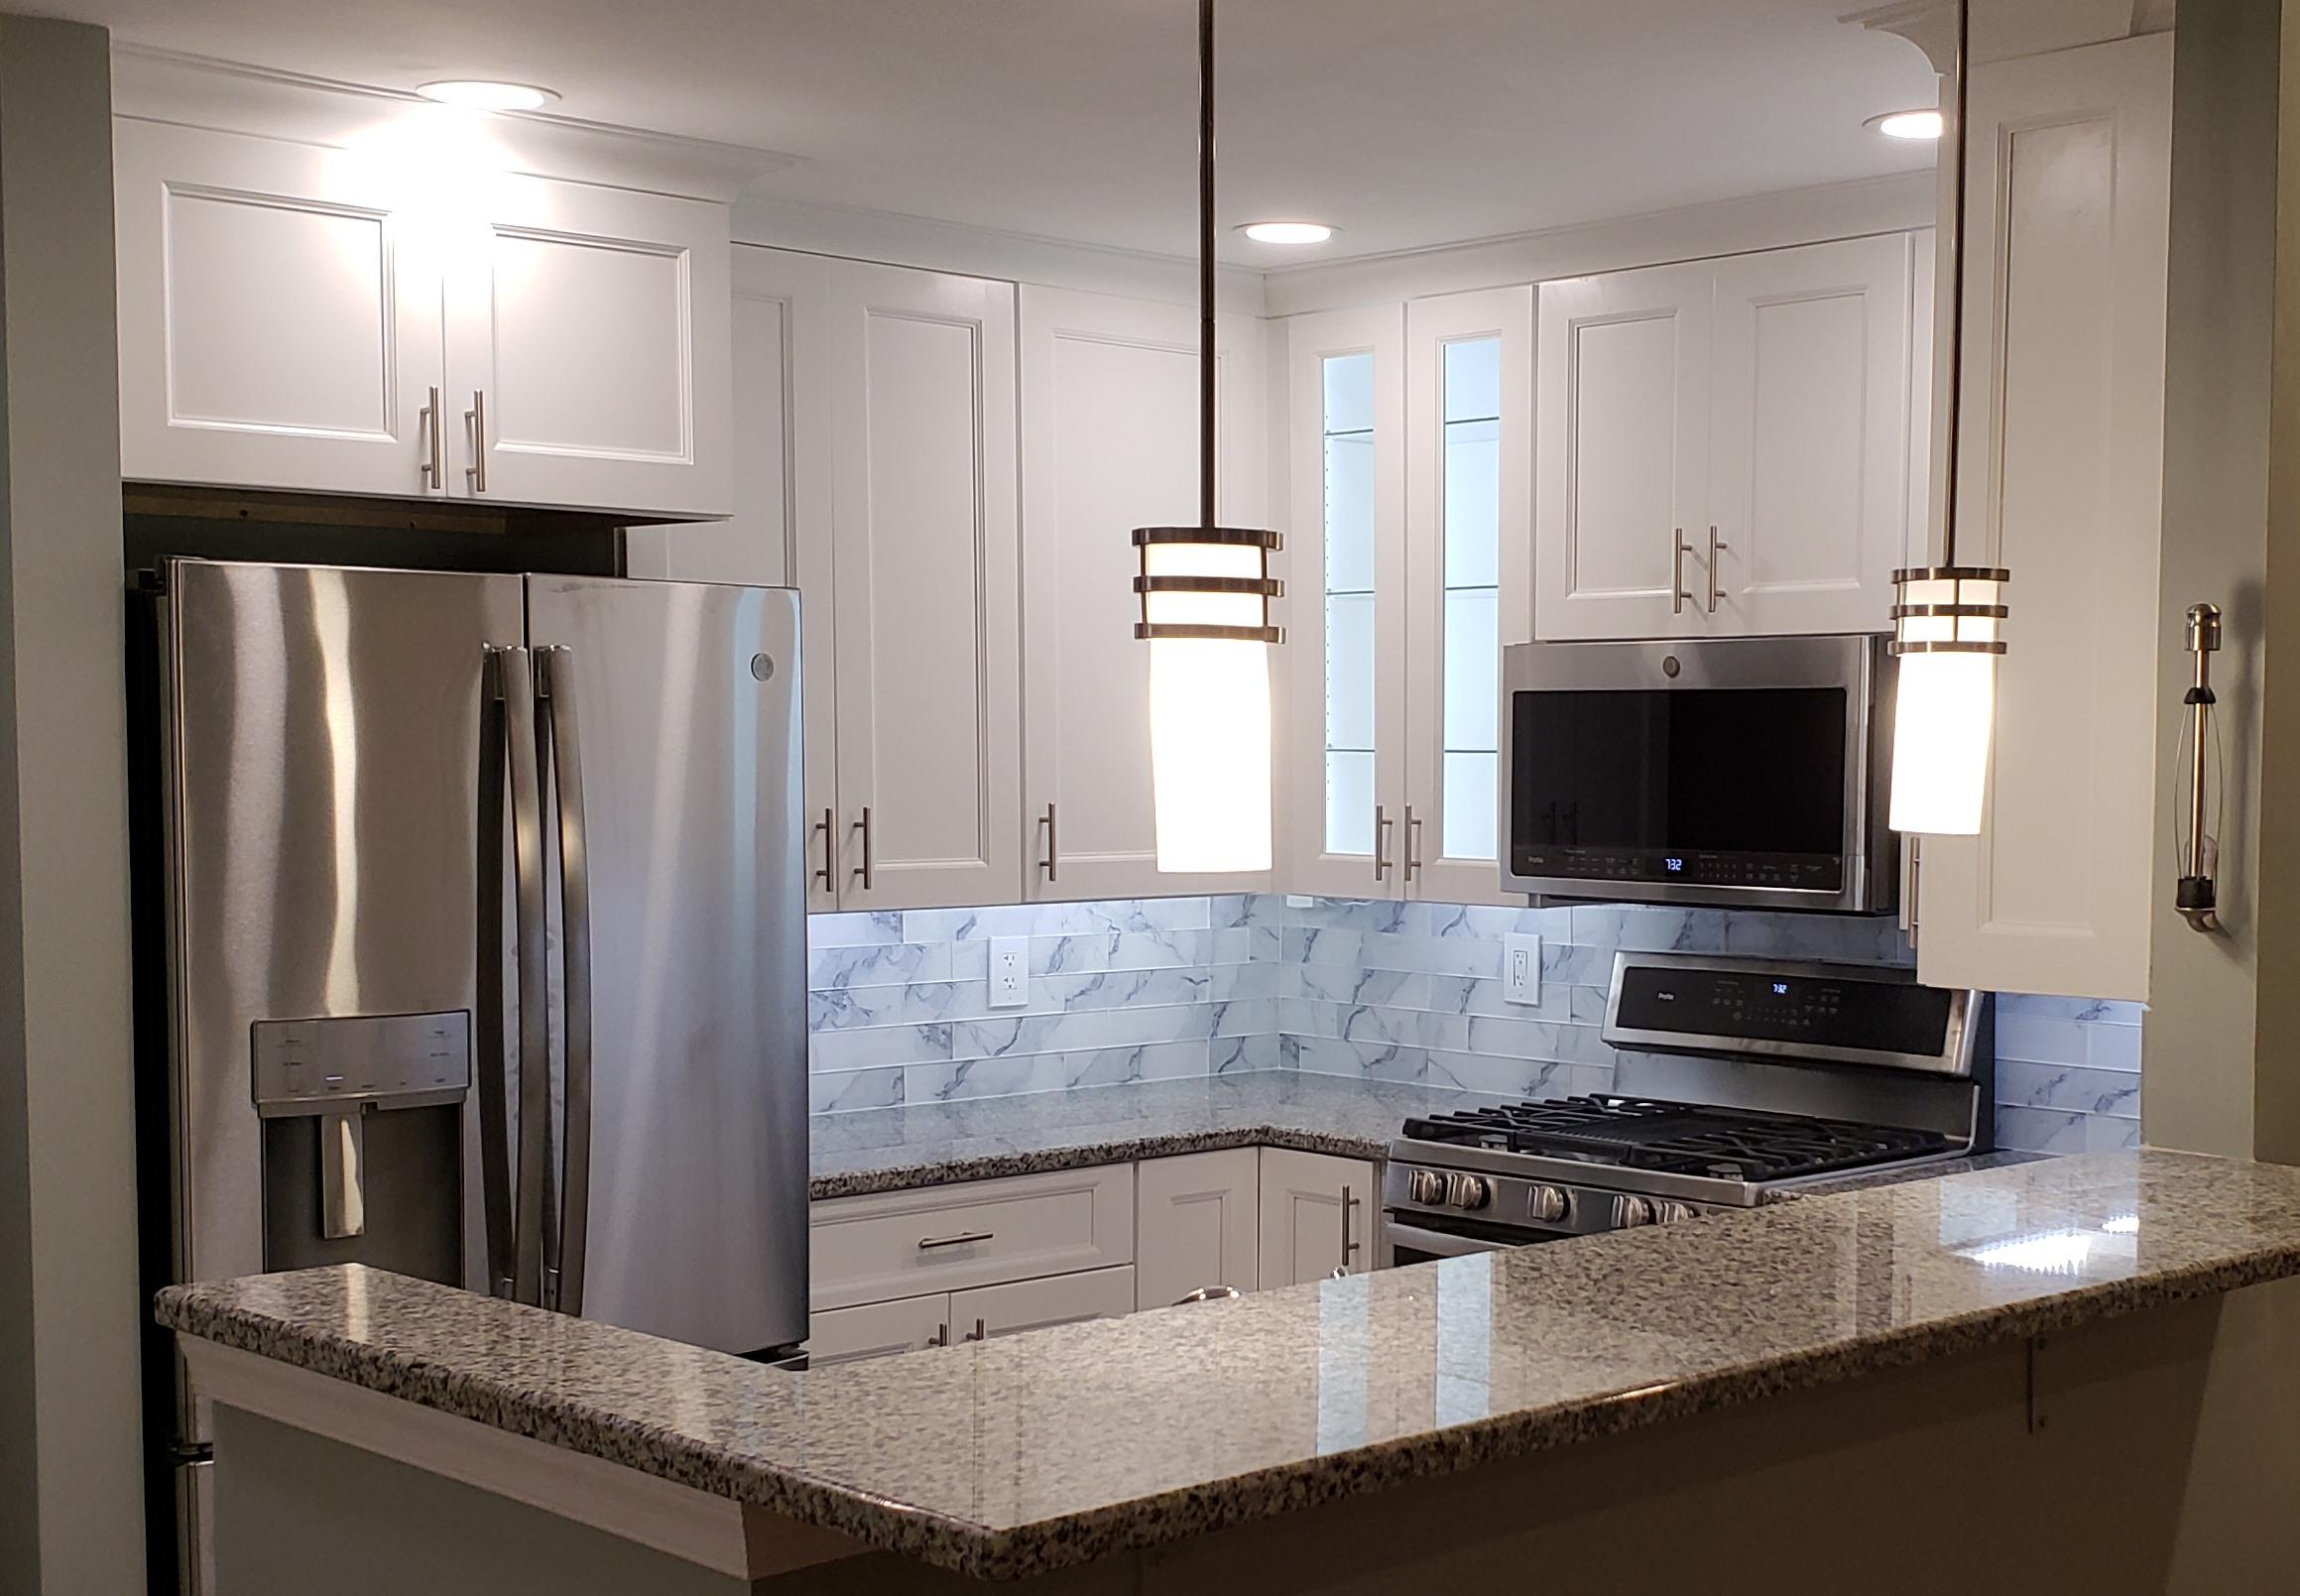 Kitchen design in fairfax